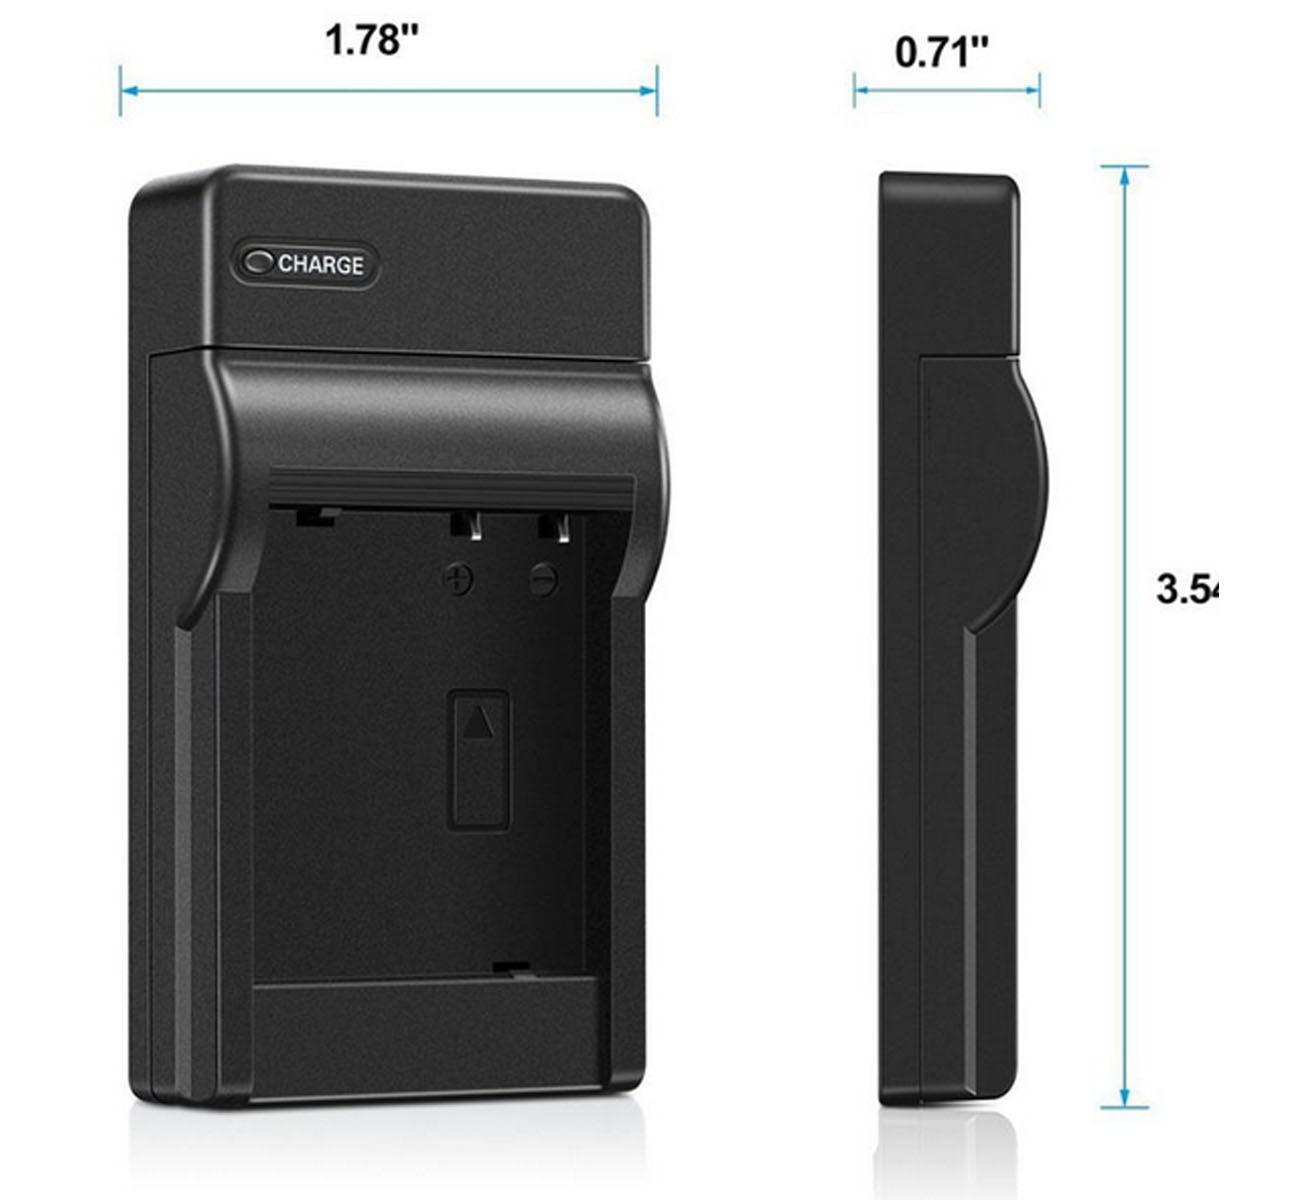 USB Dual Battery Charger Akku Ladegerät Fr Sony NP F950 F930 QM70 FM70 FM90 QM50